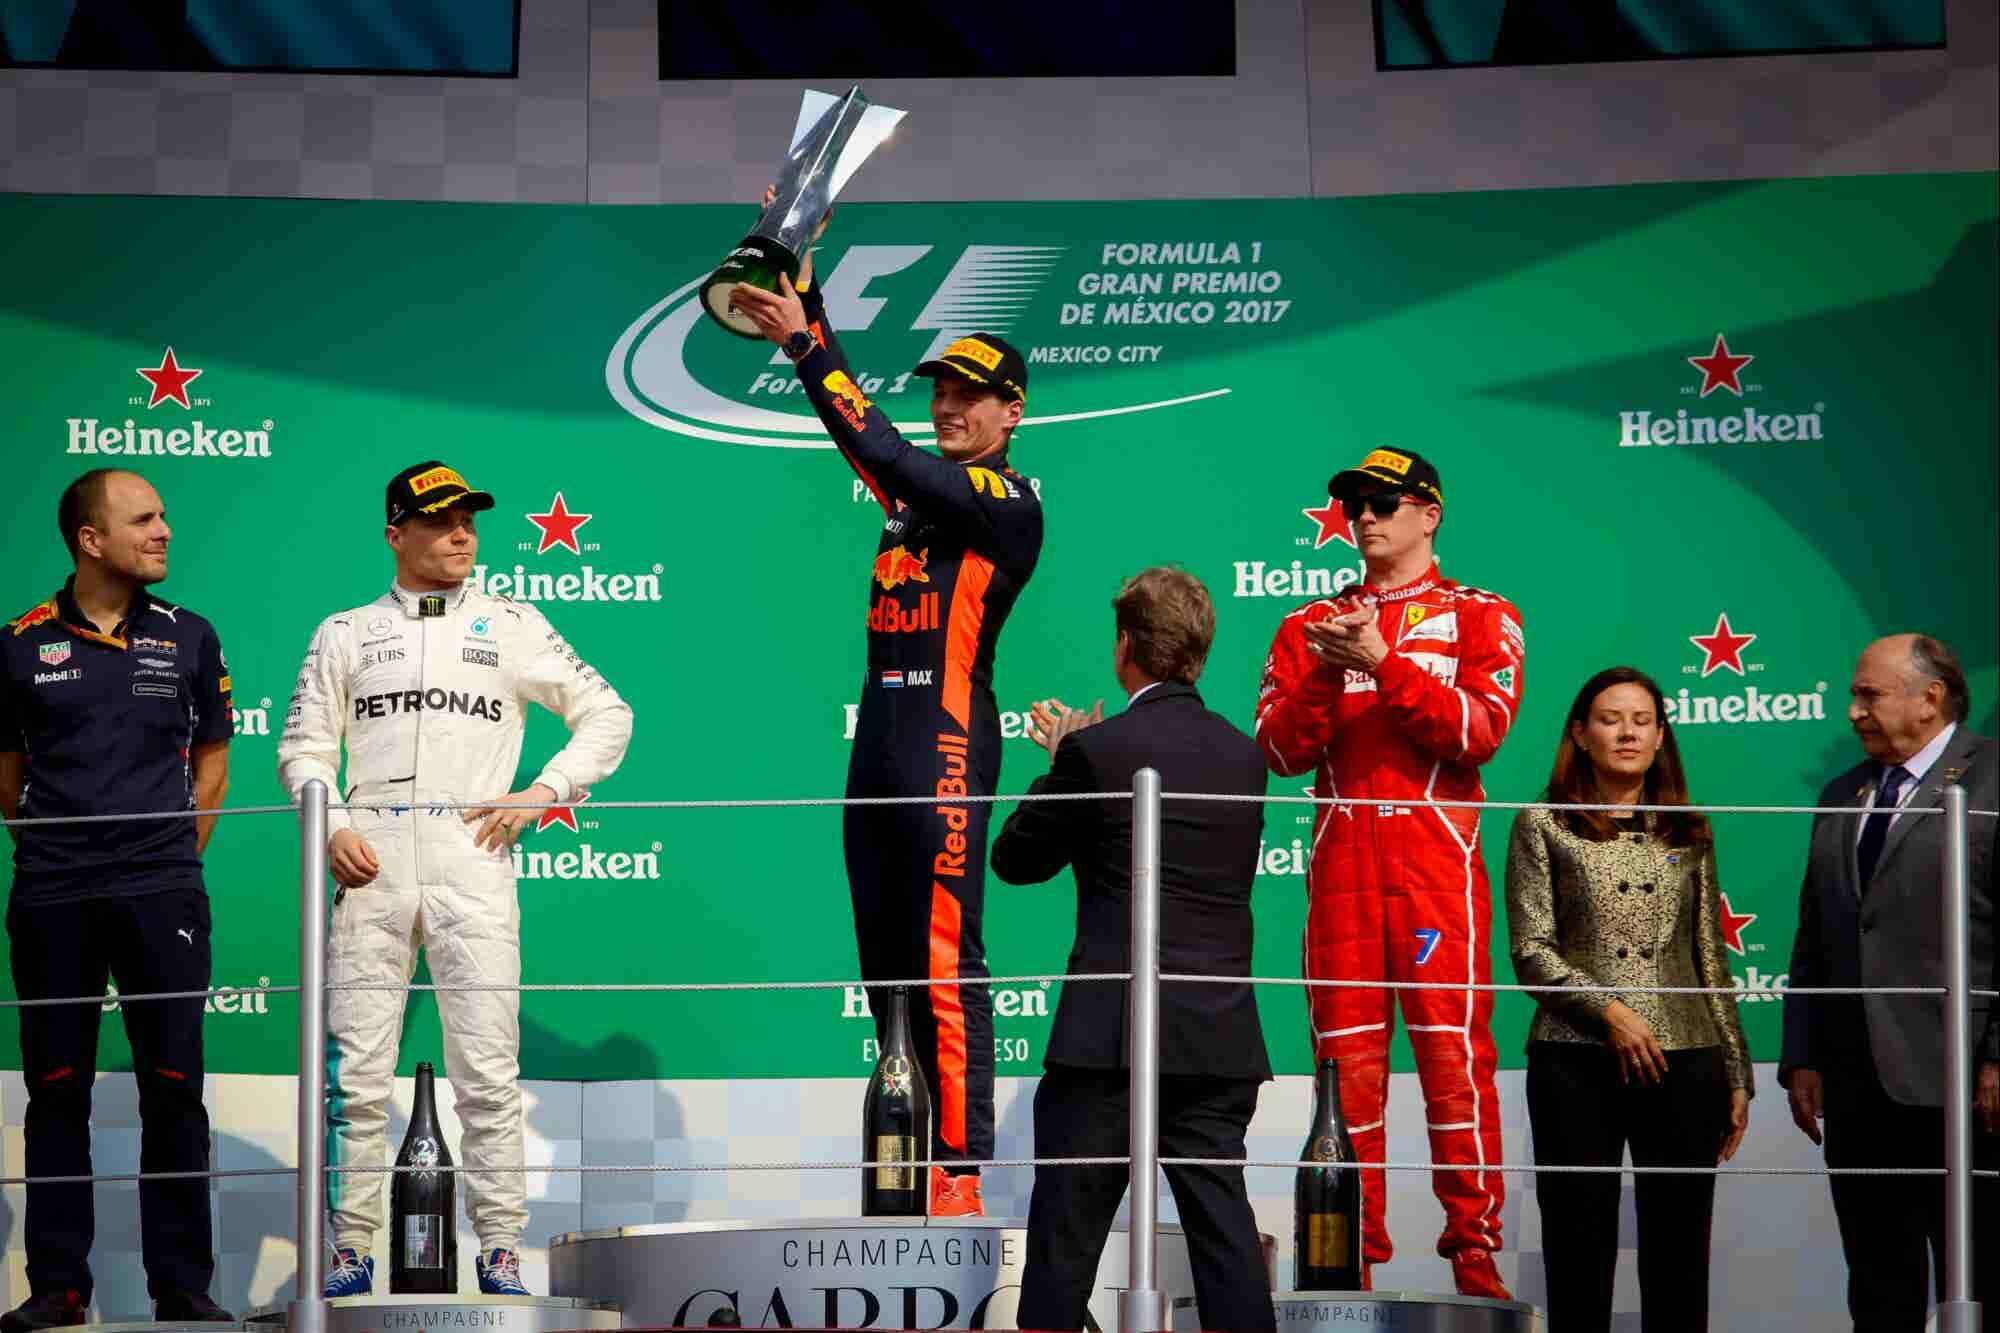 Los pilotos de la F1 en la mejor sede: la CDMX